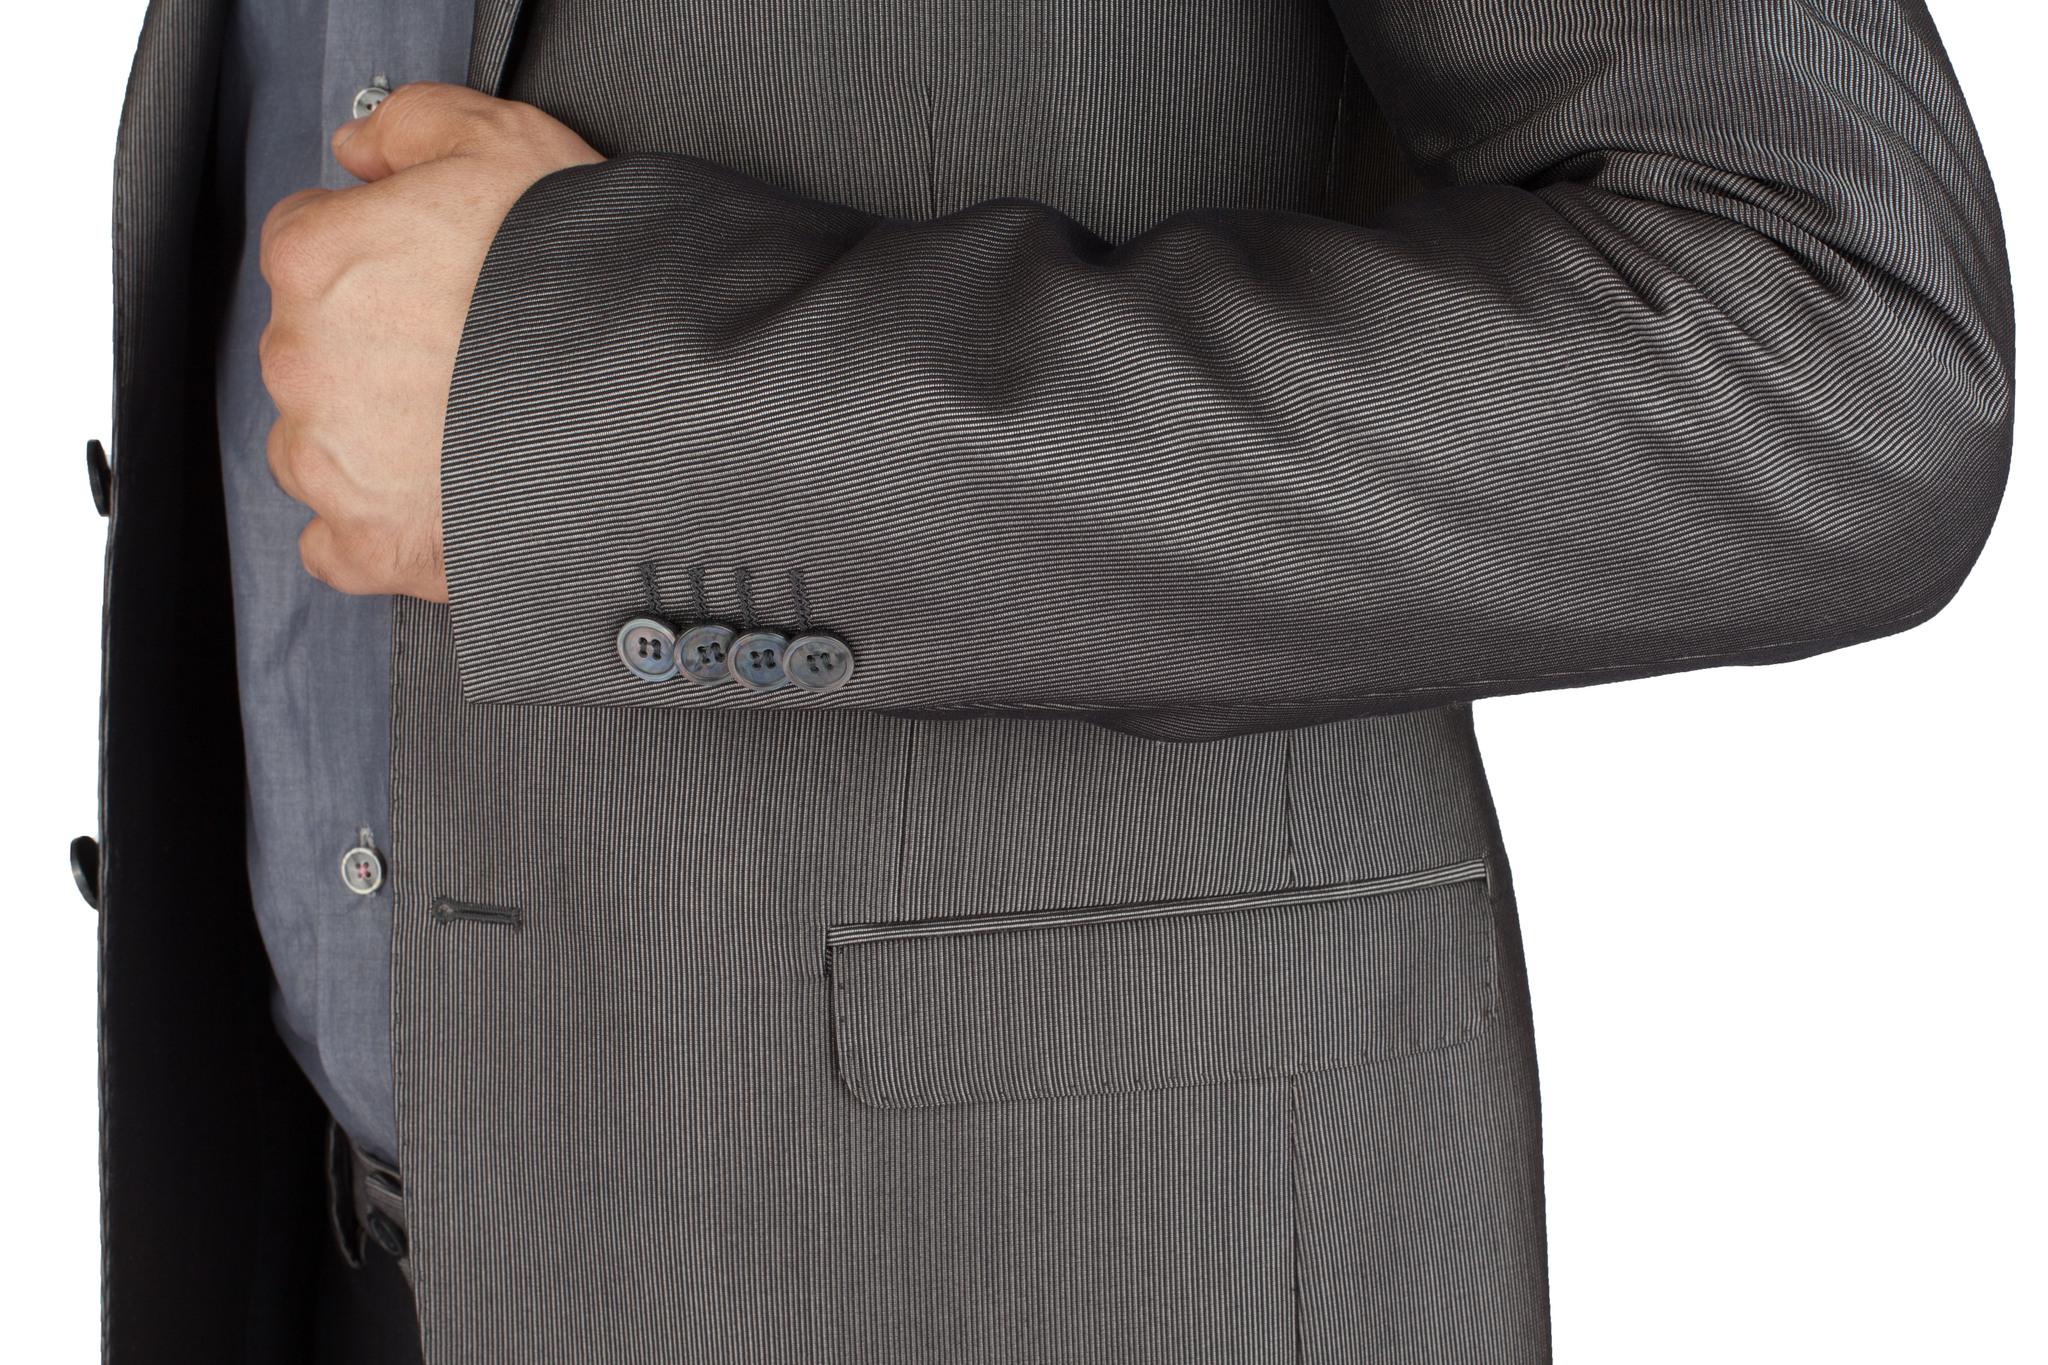 Серый немного блестящий шерстяной костюм продюсера рок-группы, накладной карман